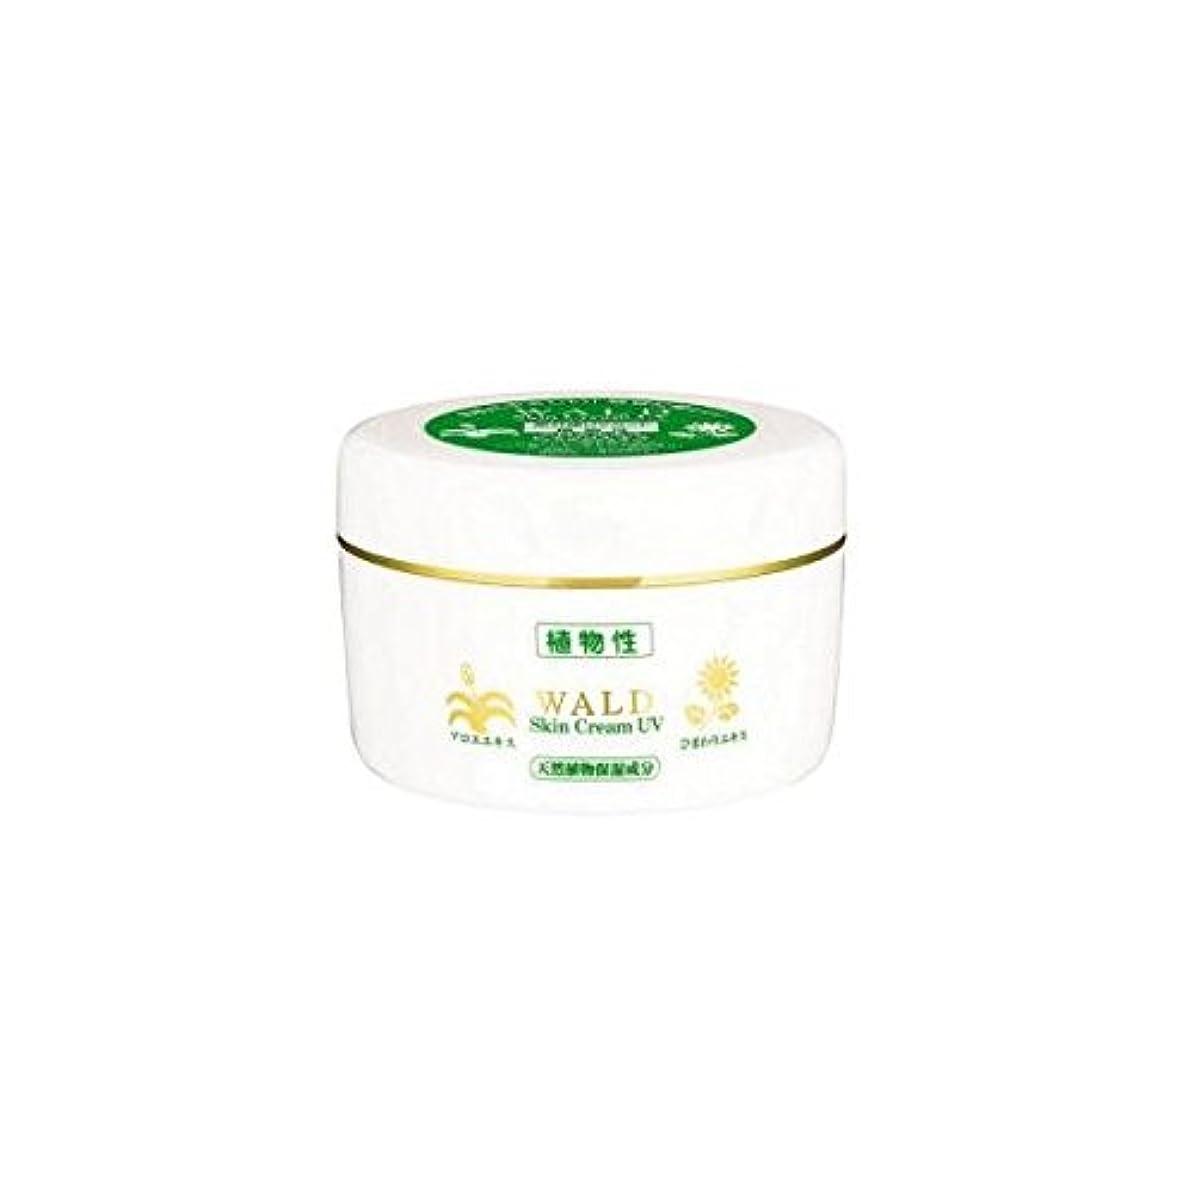 共和国ランク鉄新 ヴァルトスキンクリーム UV (WALD Skin Cream UV) 220g (1)